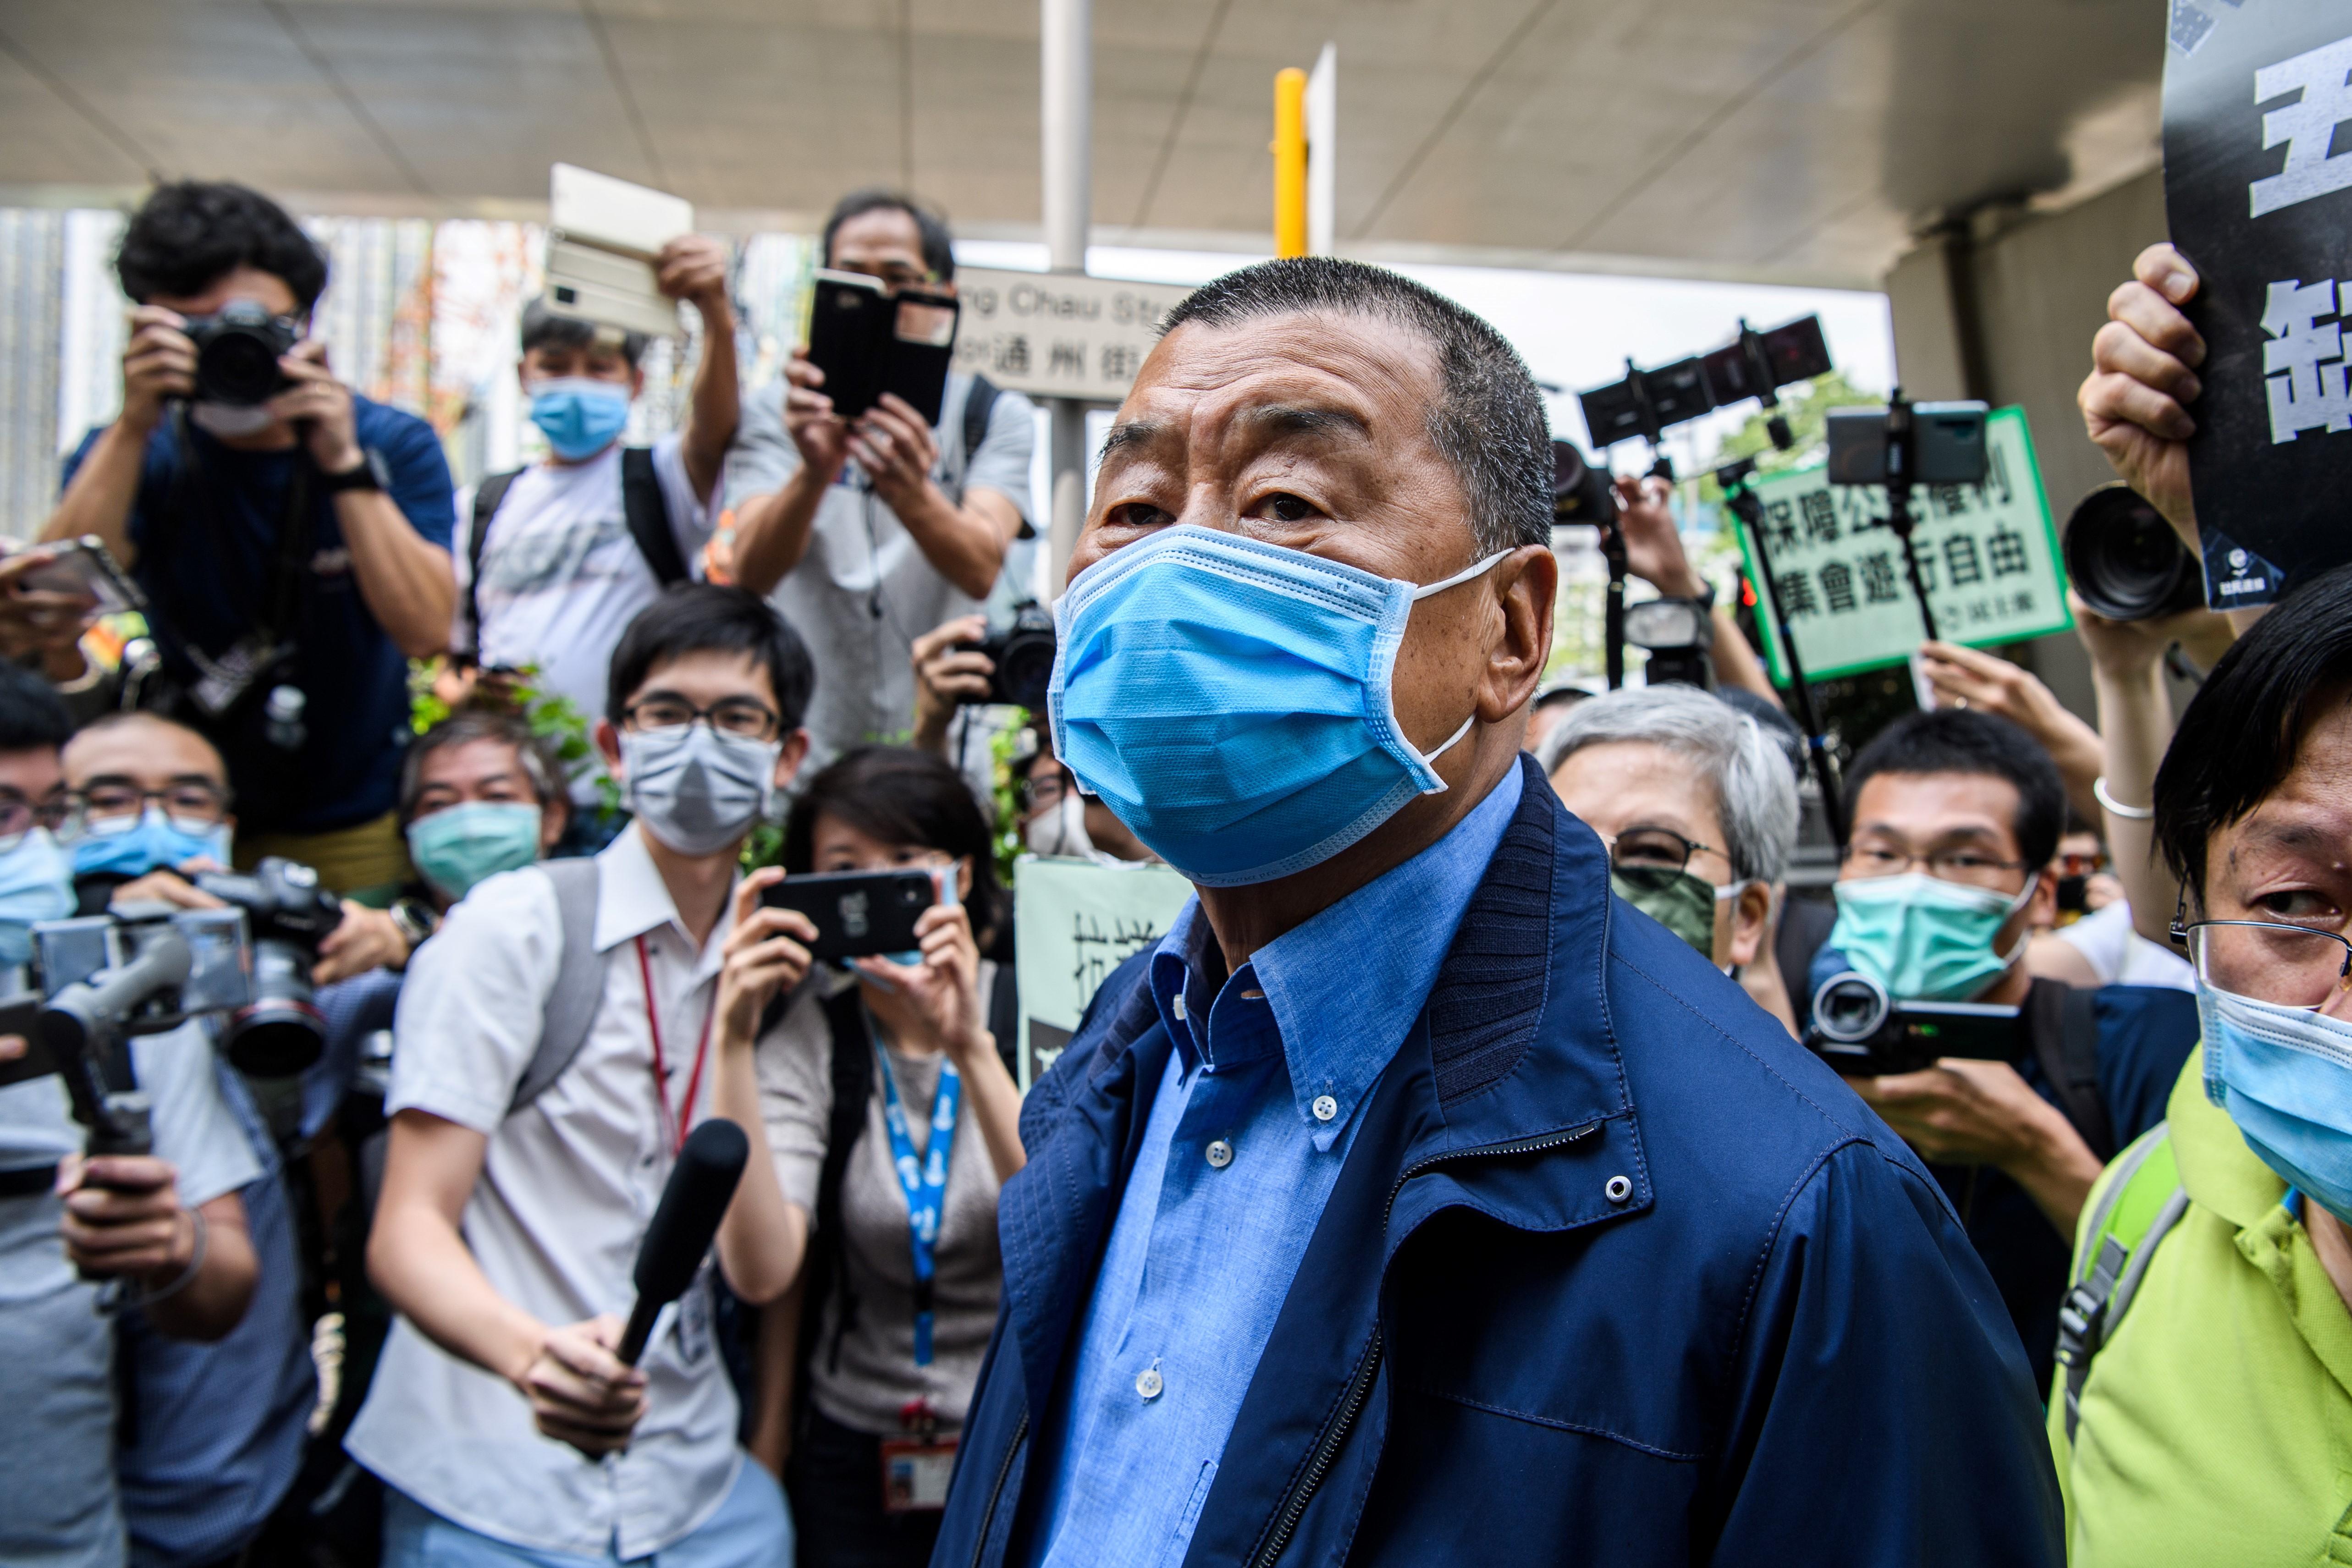 香港媒體大亨黎智英被捕 美參議員等回應